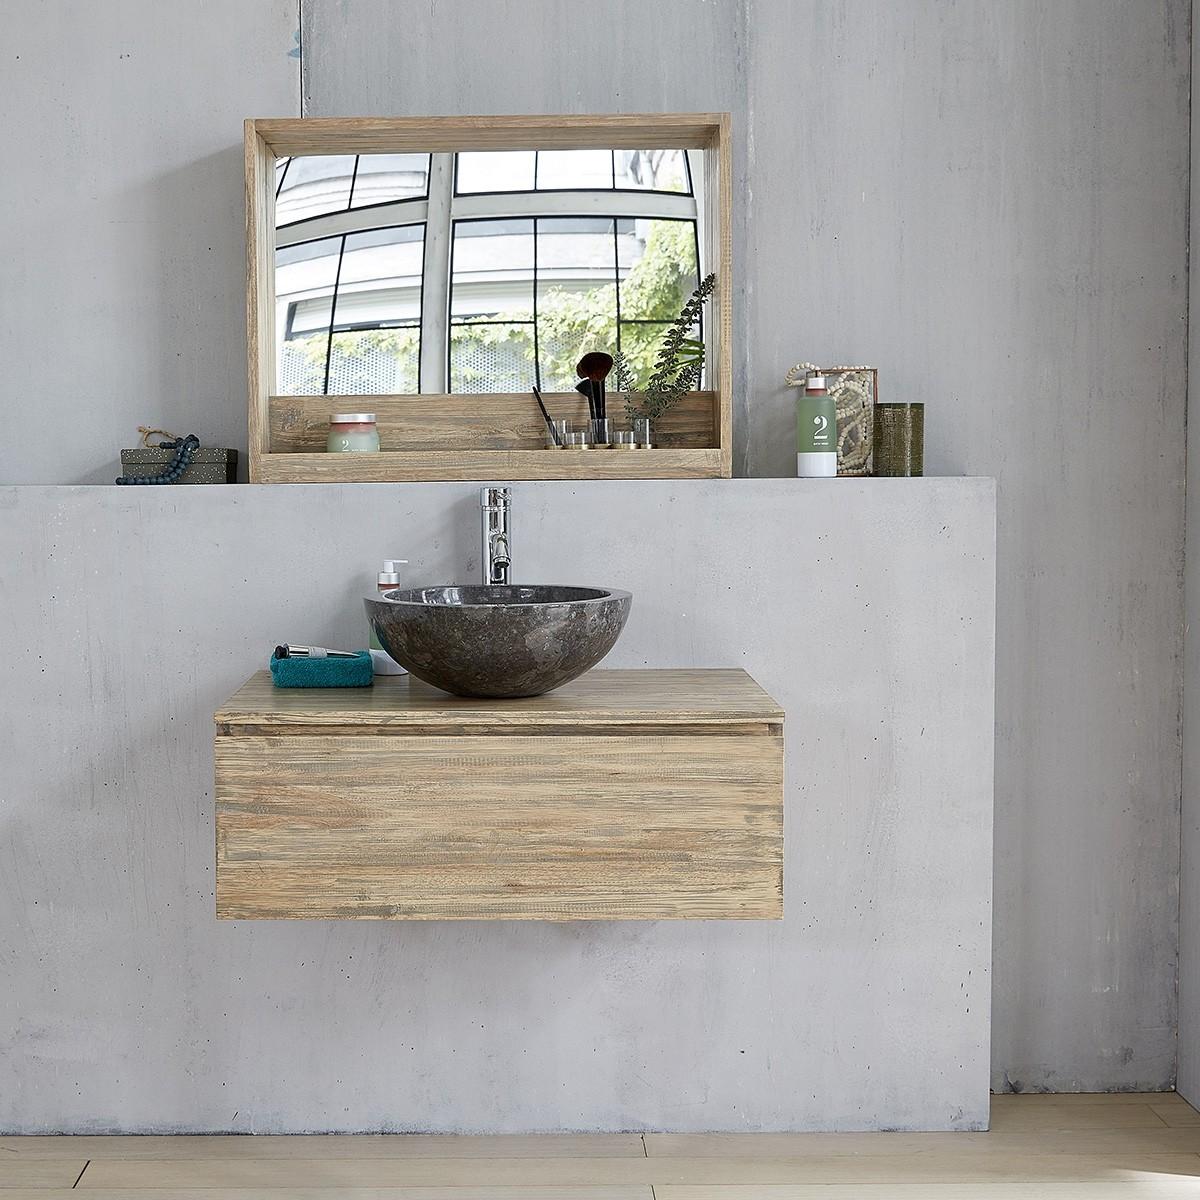 meuble de salle de bain en bois d 39 h v a suspendu 80 bois dessus bois dessous. Black Bedroom Furniture Sets. Home Design Ideas